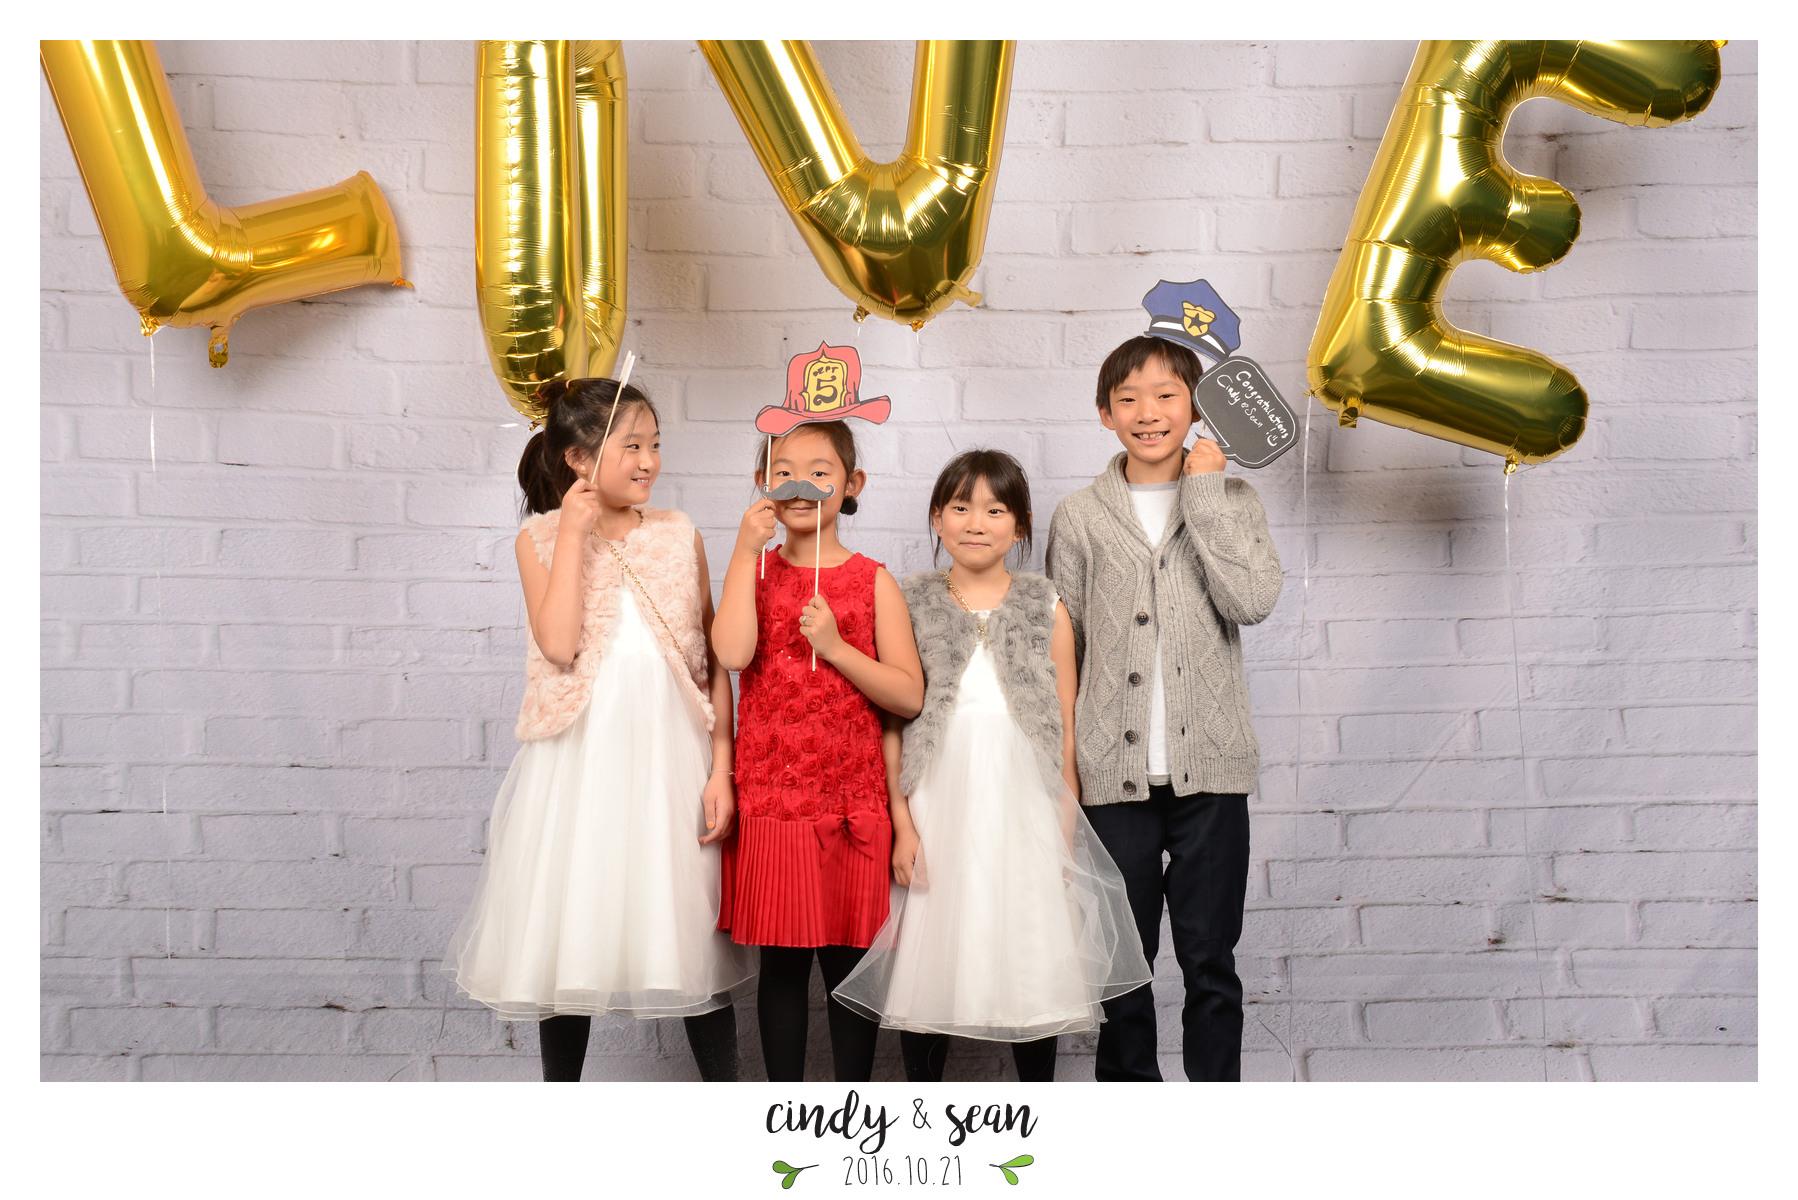 Cindy Sean Bae - 0001-71.jpg